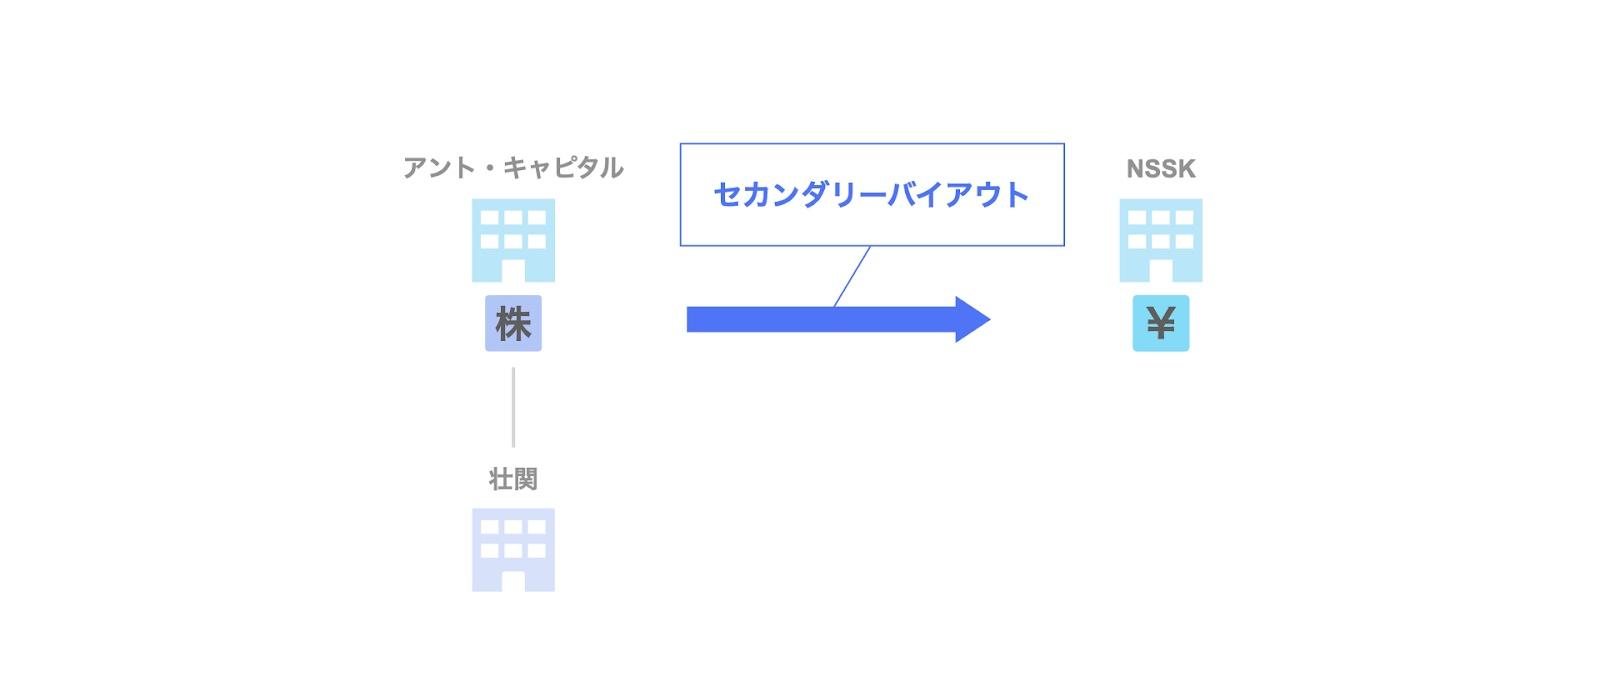 投資事例:日本産業推進機構(NSSK)による壮関への投資案件